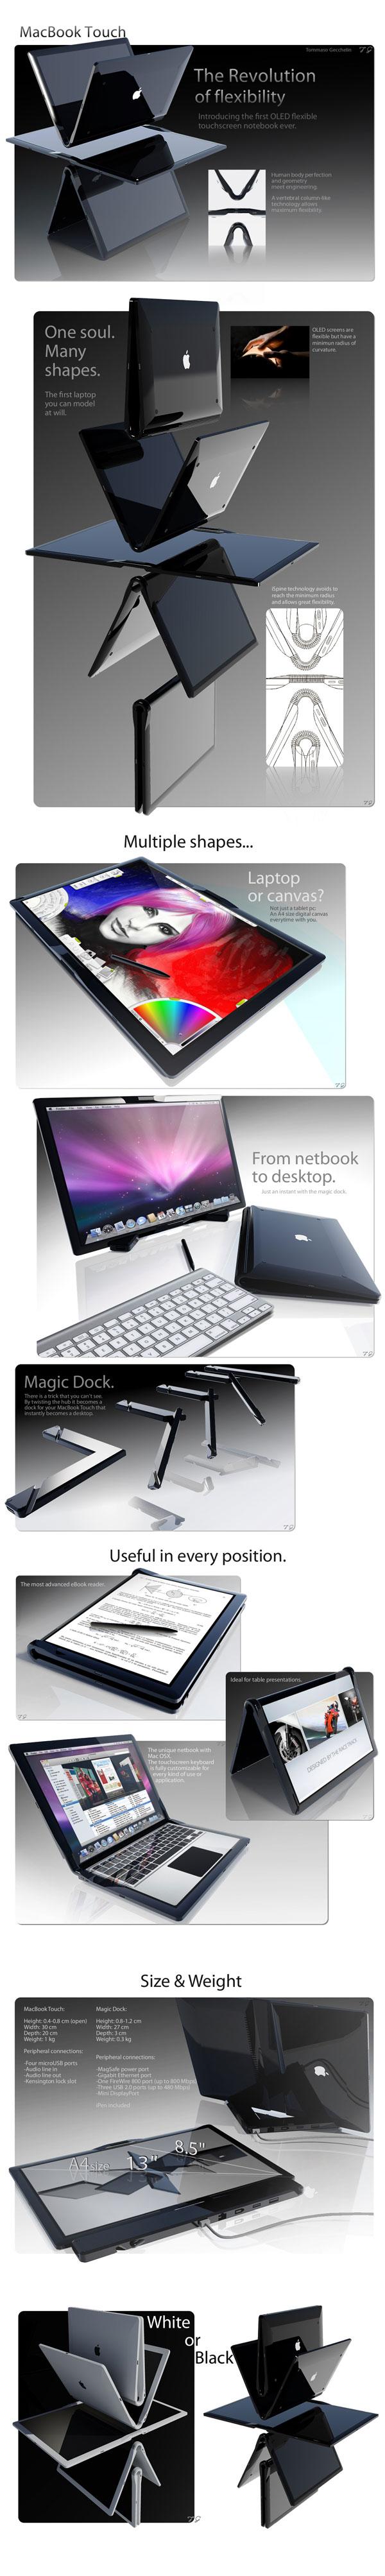 концепт нетбука apple